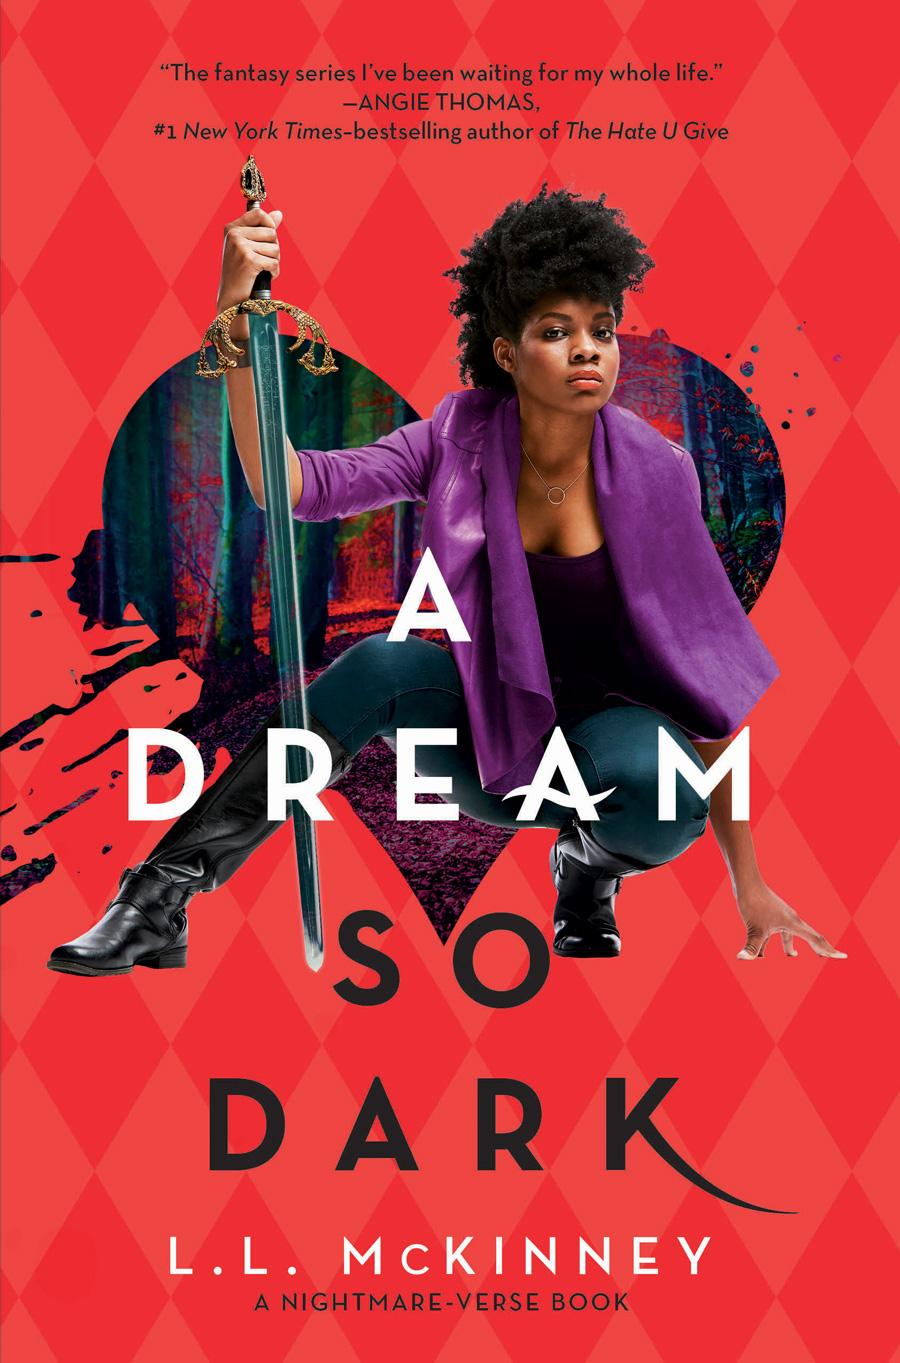 L. L. McKinney A Dream so Dark